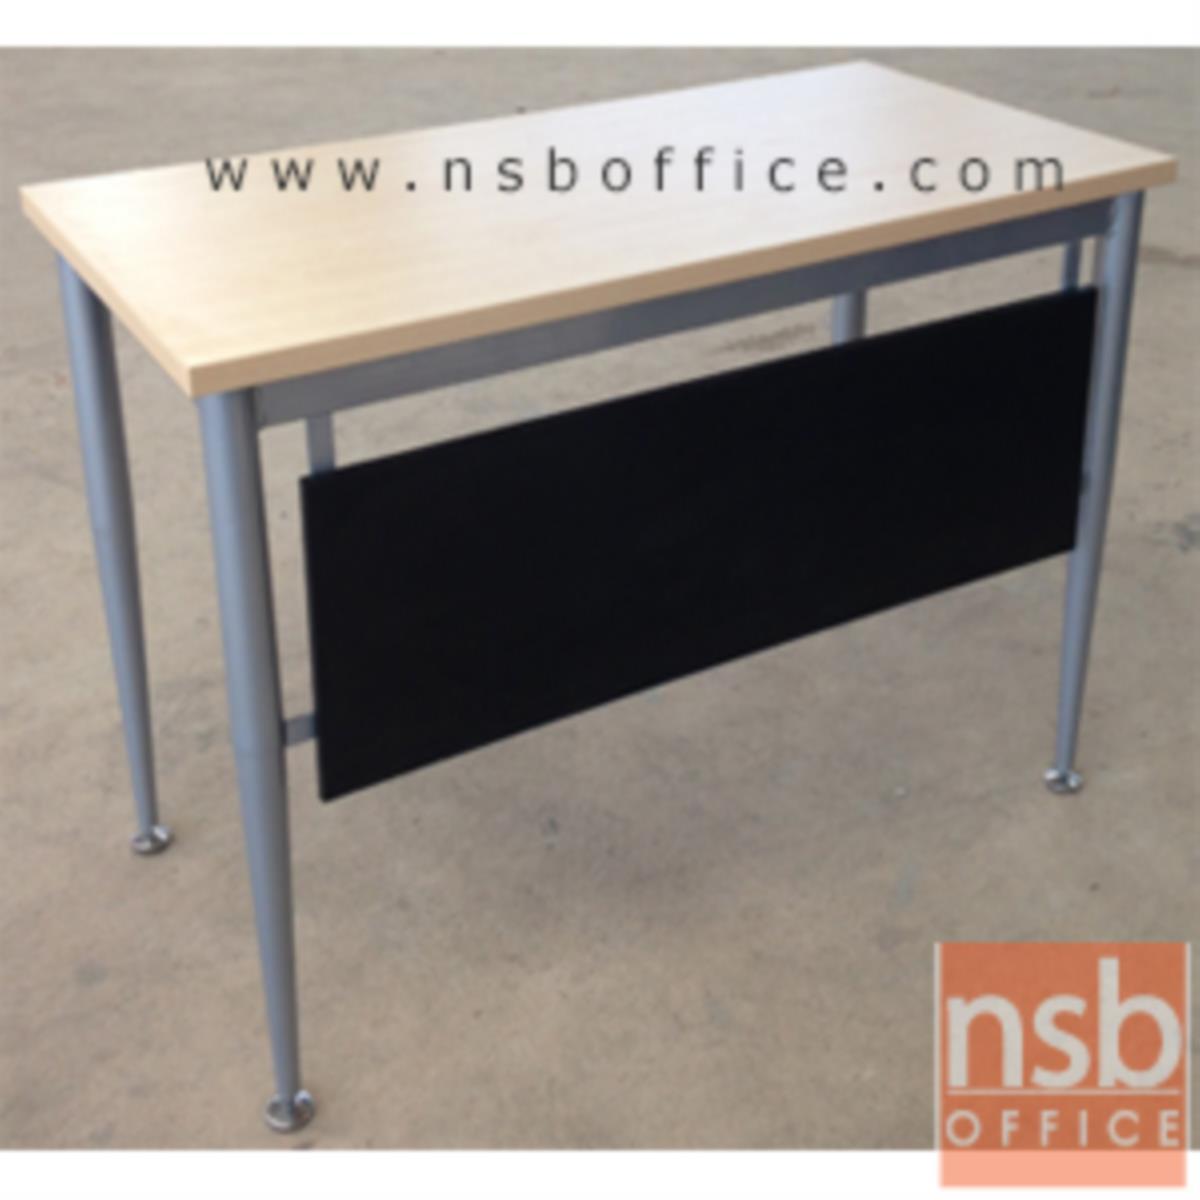 โต๊ะทำงาน บังโป๊ดำ รุ่น FPF-18 ขนาด 120W ,150W ,180W cm. ขาเหล็กพ่นบอร์นเงิน